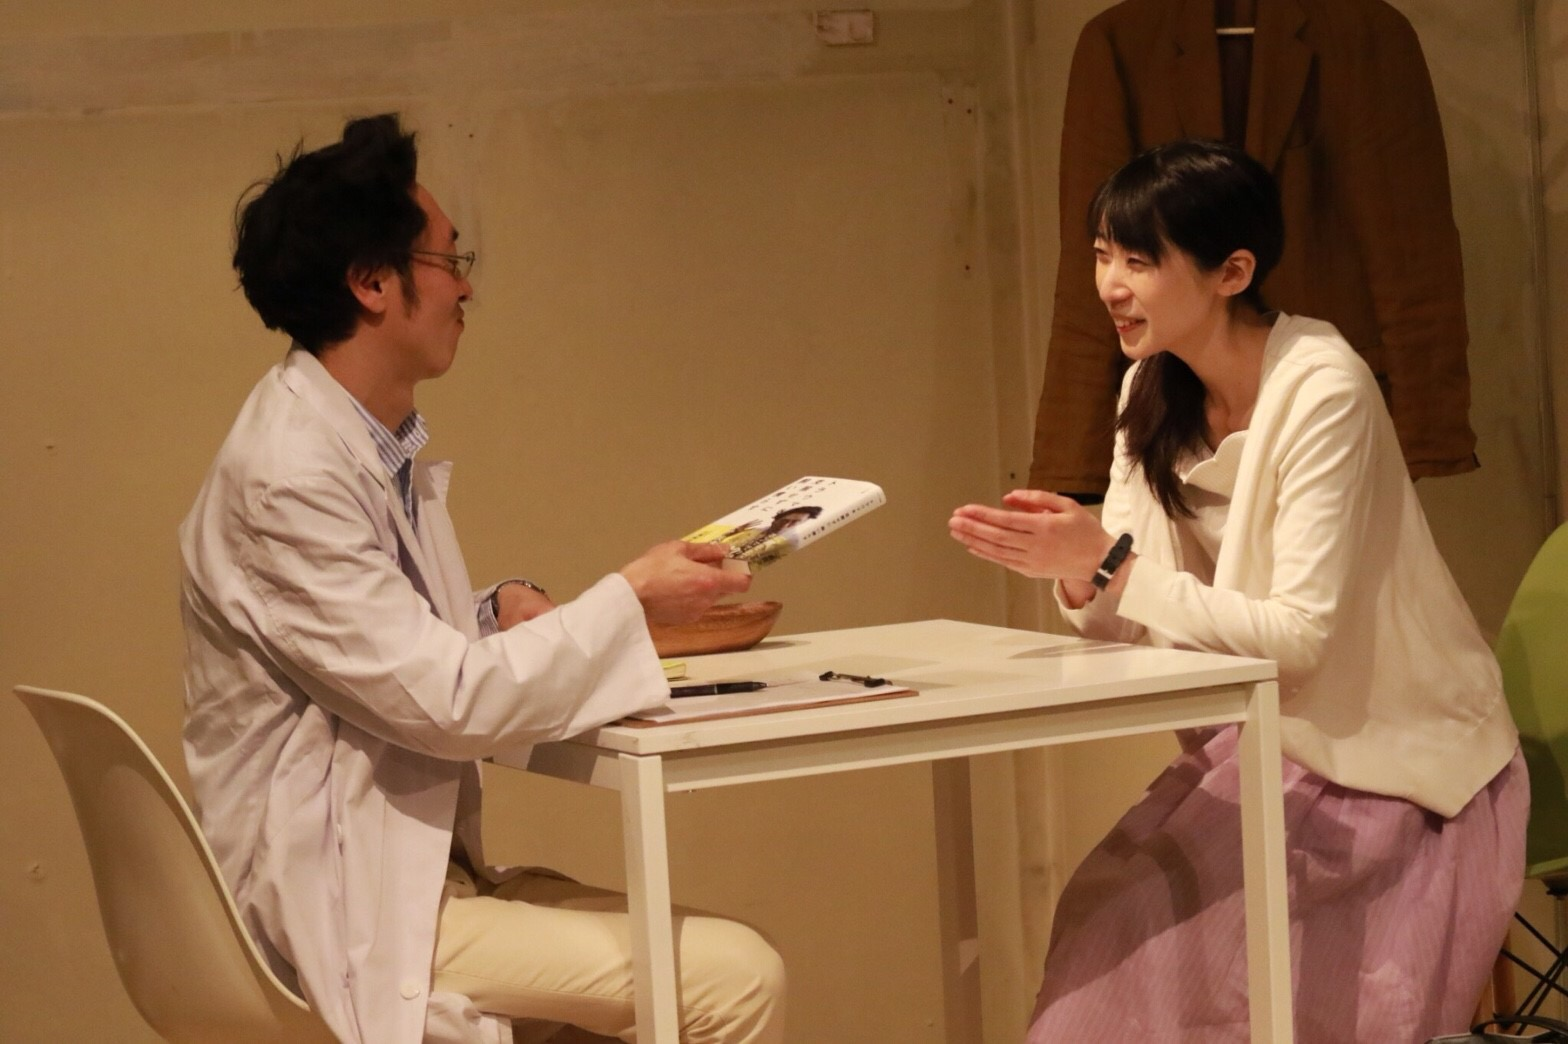 http://yamazaki-kazuyuki.com/diary/IMG_5490.JPG